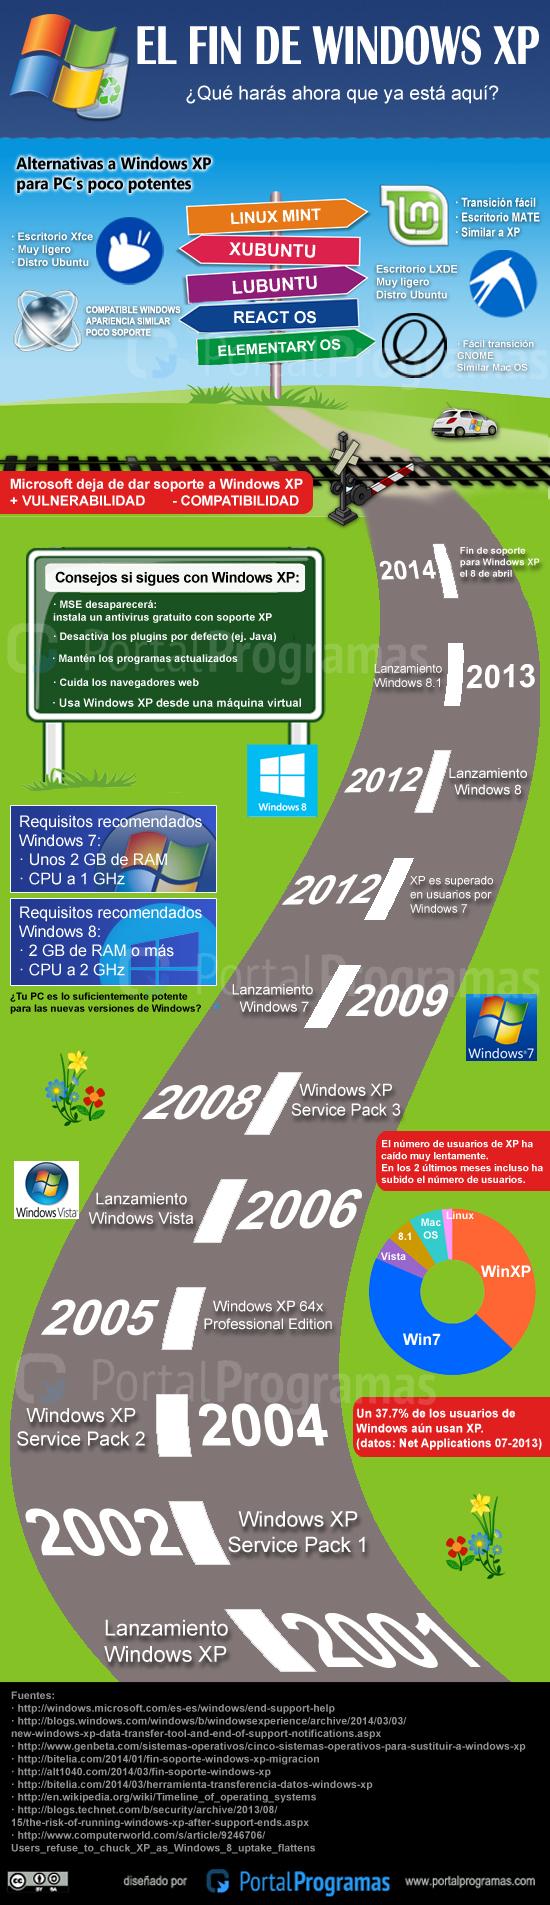 Infografía sobre el fin de Windows XP